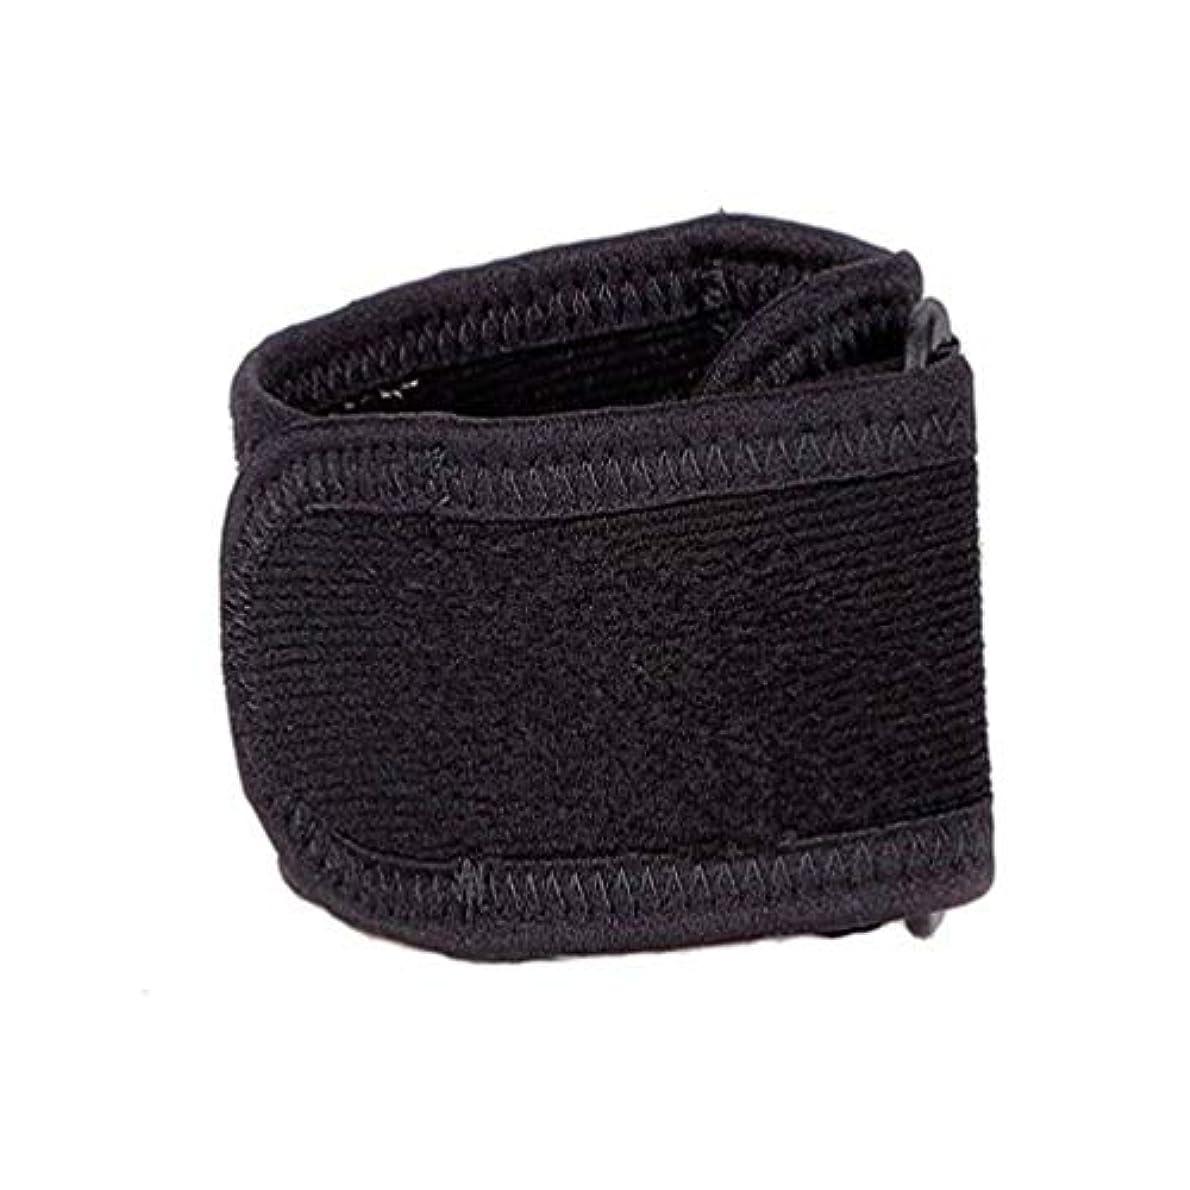 靴下充実拡散する調節可能な ウォームアーム陸上競技ガーディアンスポーツ保護するクラッシュ耐性の弾力性エルボーブレースランスポーツマンディフェンダー - ブラック